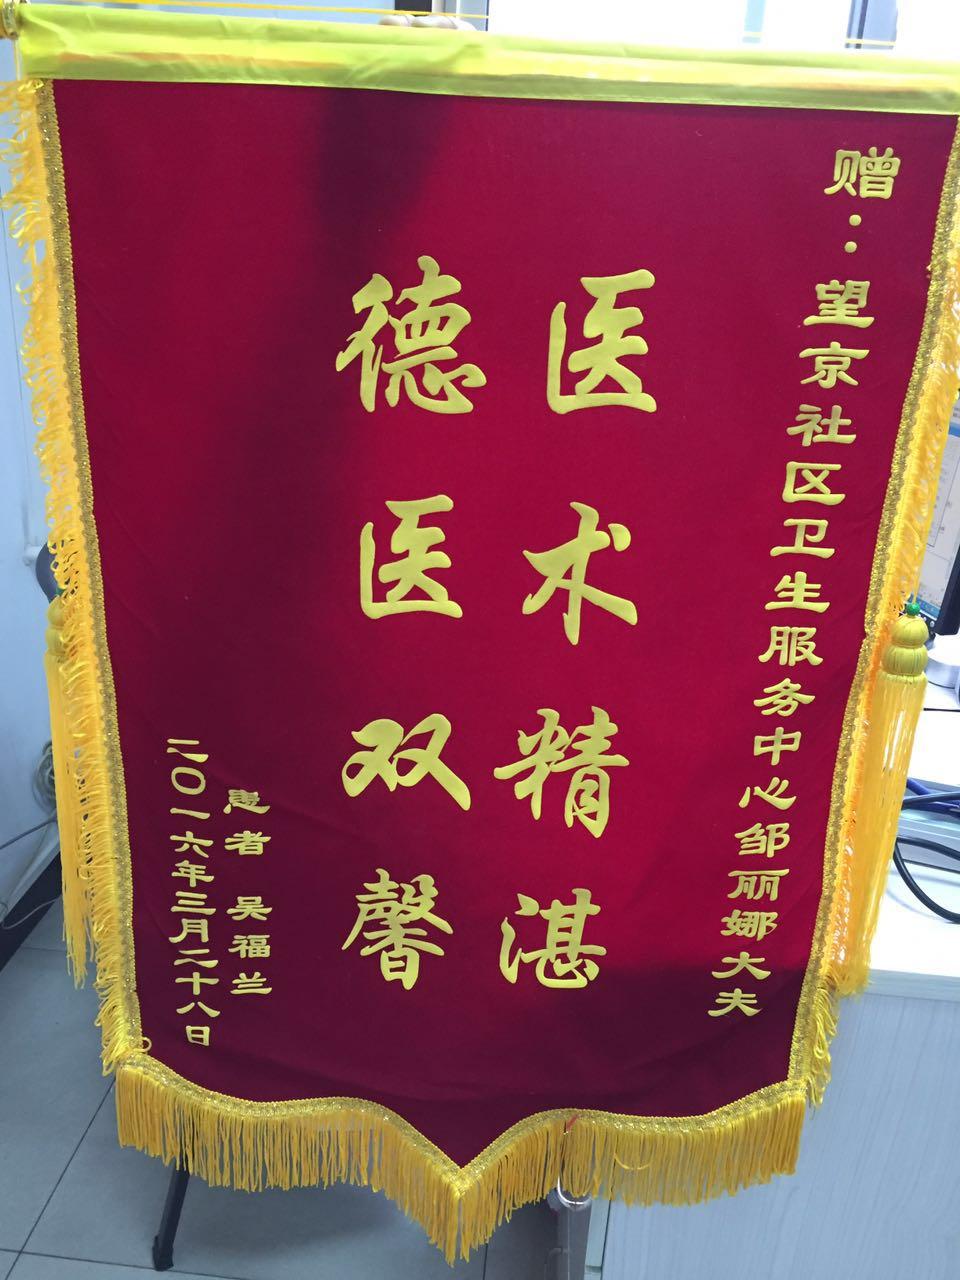 家庭医生贴心服务 患者感激赠送锦旗